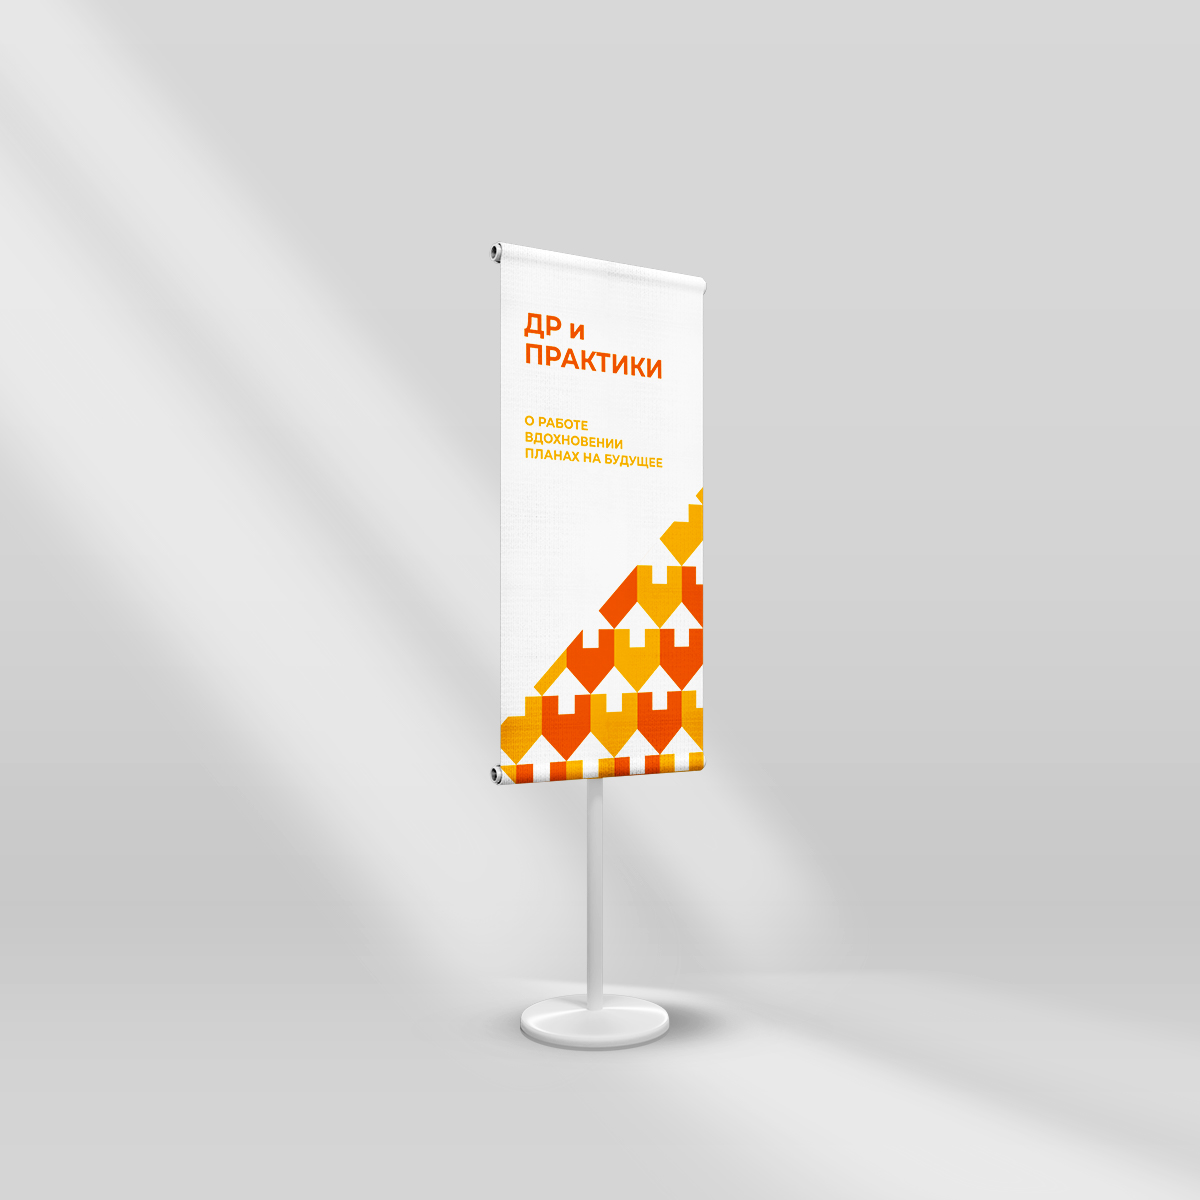 Дизайн логотипа рекламно-производственной компании фото f_9445ede7e7972639.jpg